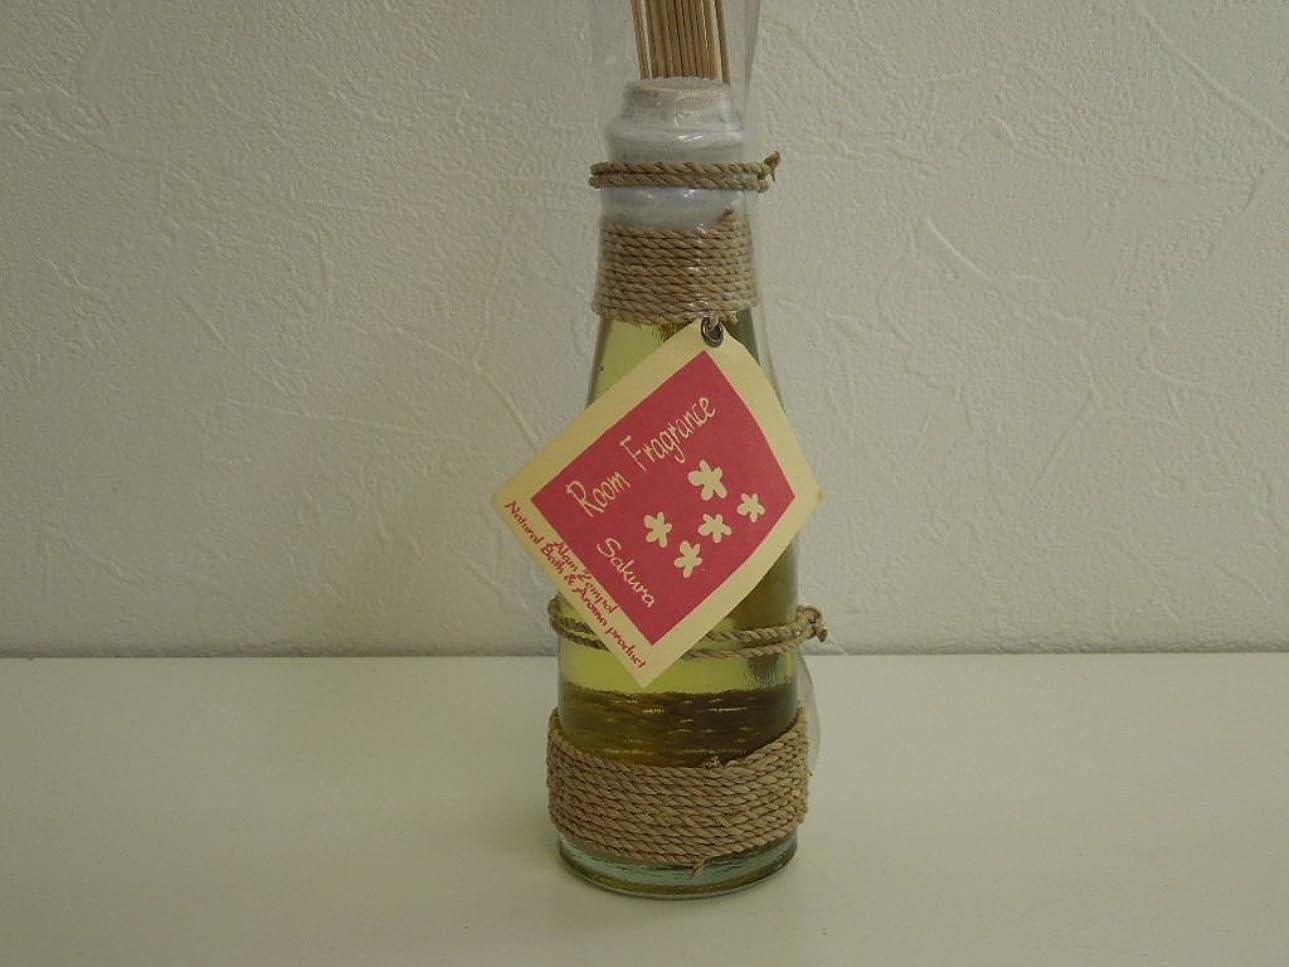 ハブシャーク掃くルームフレグランス Sakura さくら